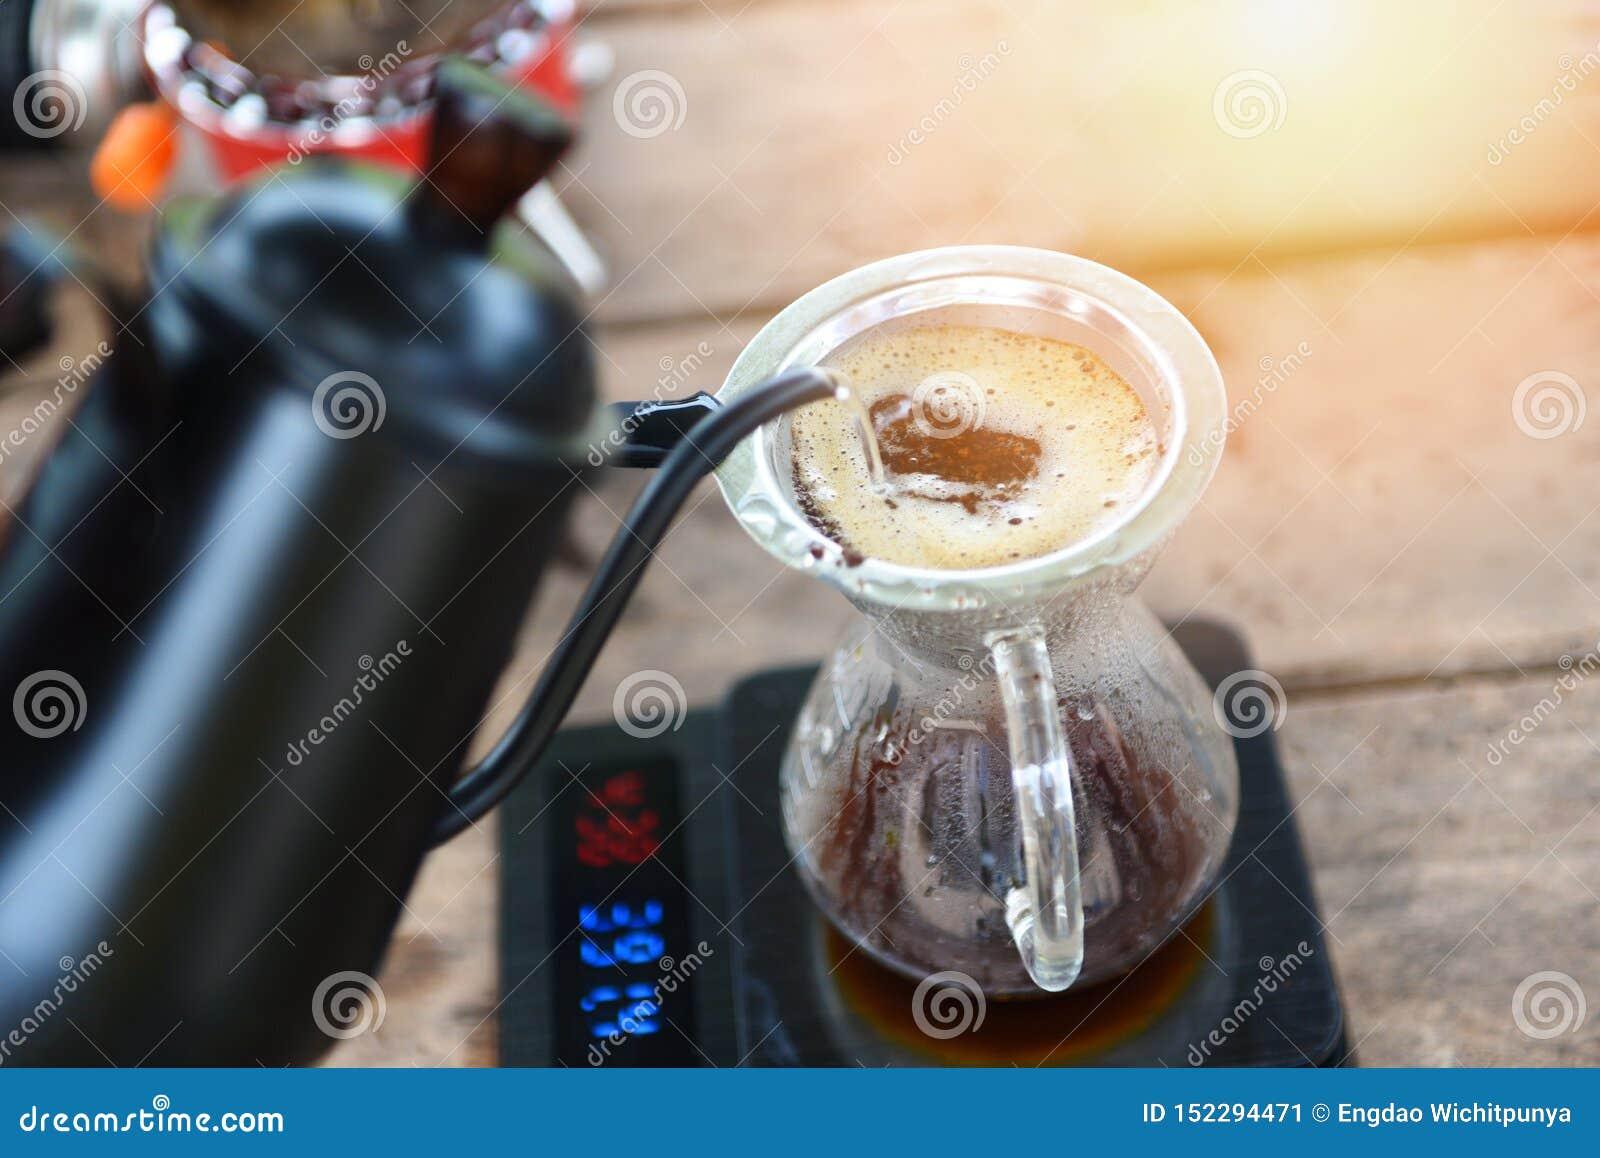 Agua de colada del barista del café del goteo en preparar filtrado - para hacer el café del goteo de la mano de la taza en el tar